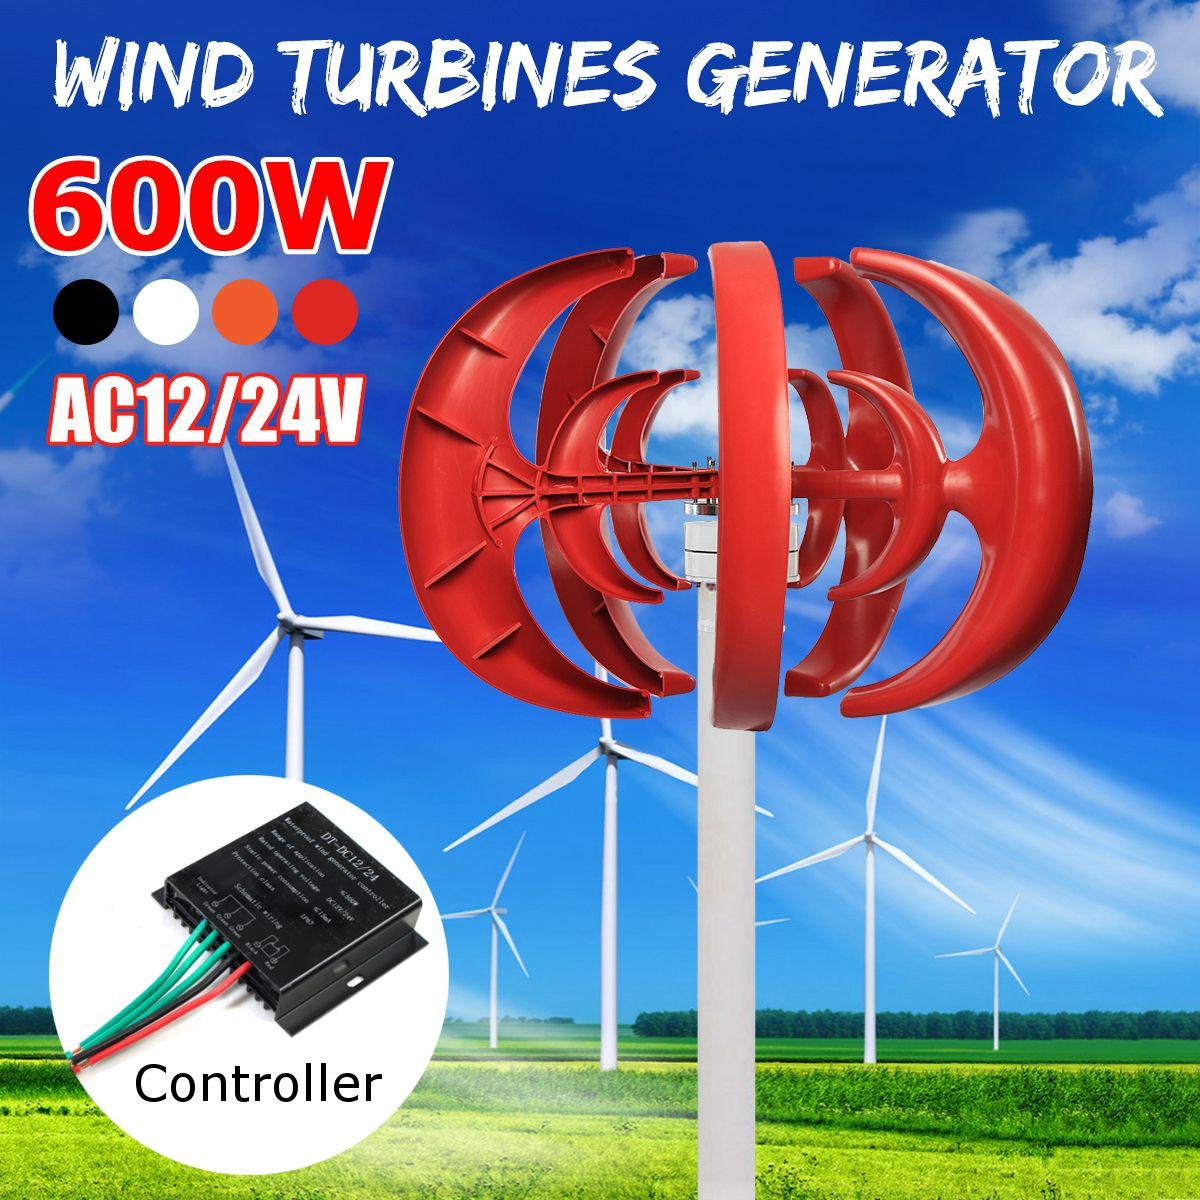 Wind Turbine Max 600 watt DC 12 v 24 v Kombinieren Mit 600 watt Englisch Wind Generator Controller Hause Für hause Hybrid Straßenbeleuchtung Verwenden